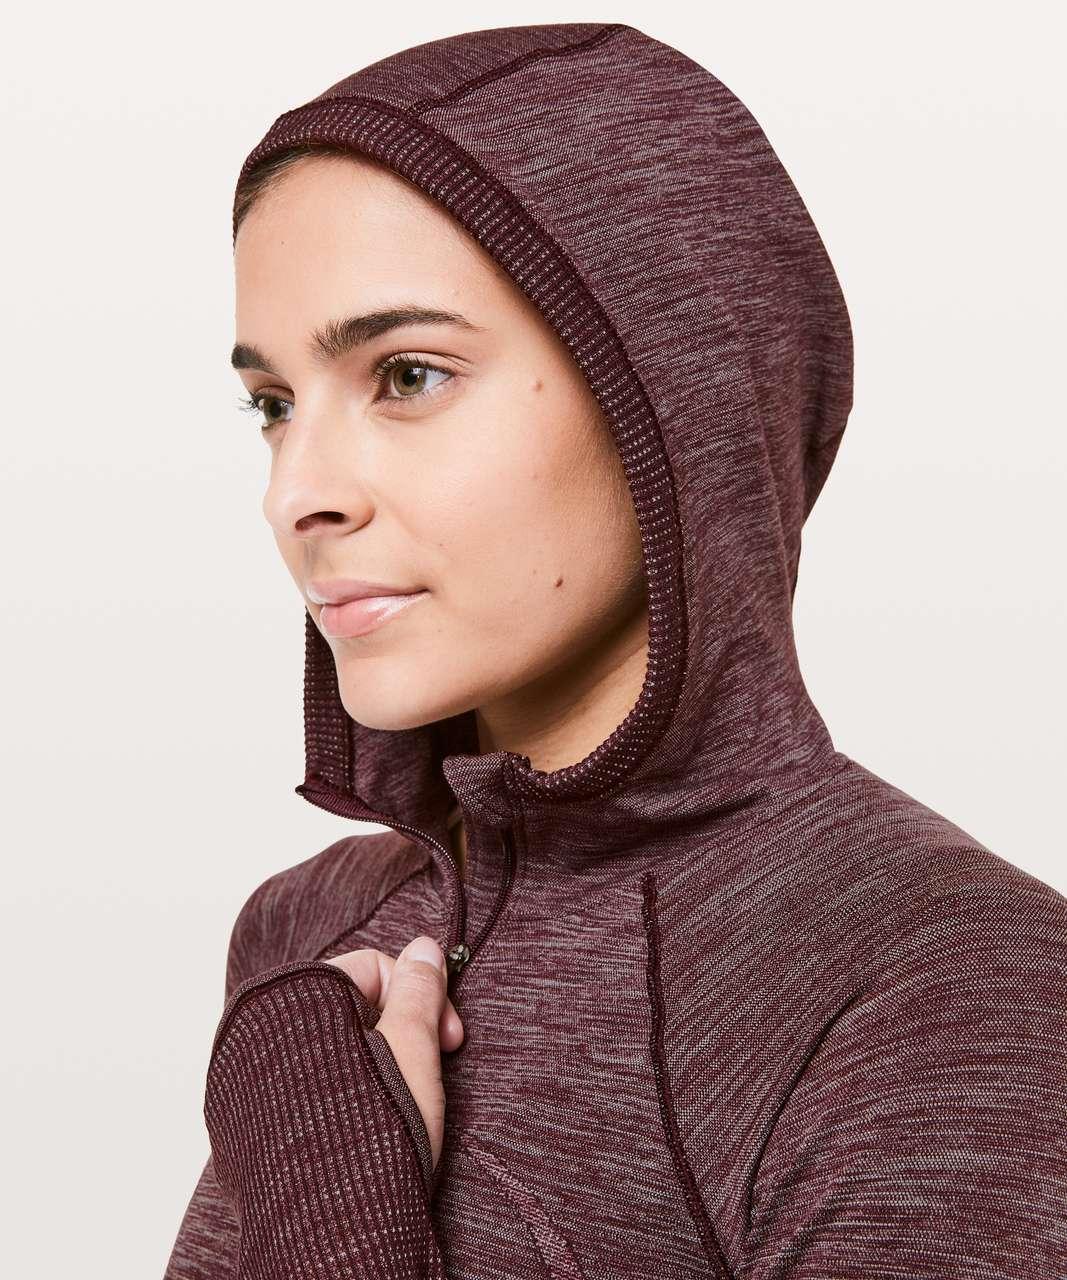 Lululemon Swiftly Wool 1/2 Zip Hoodie - Dark Adobe / White